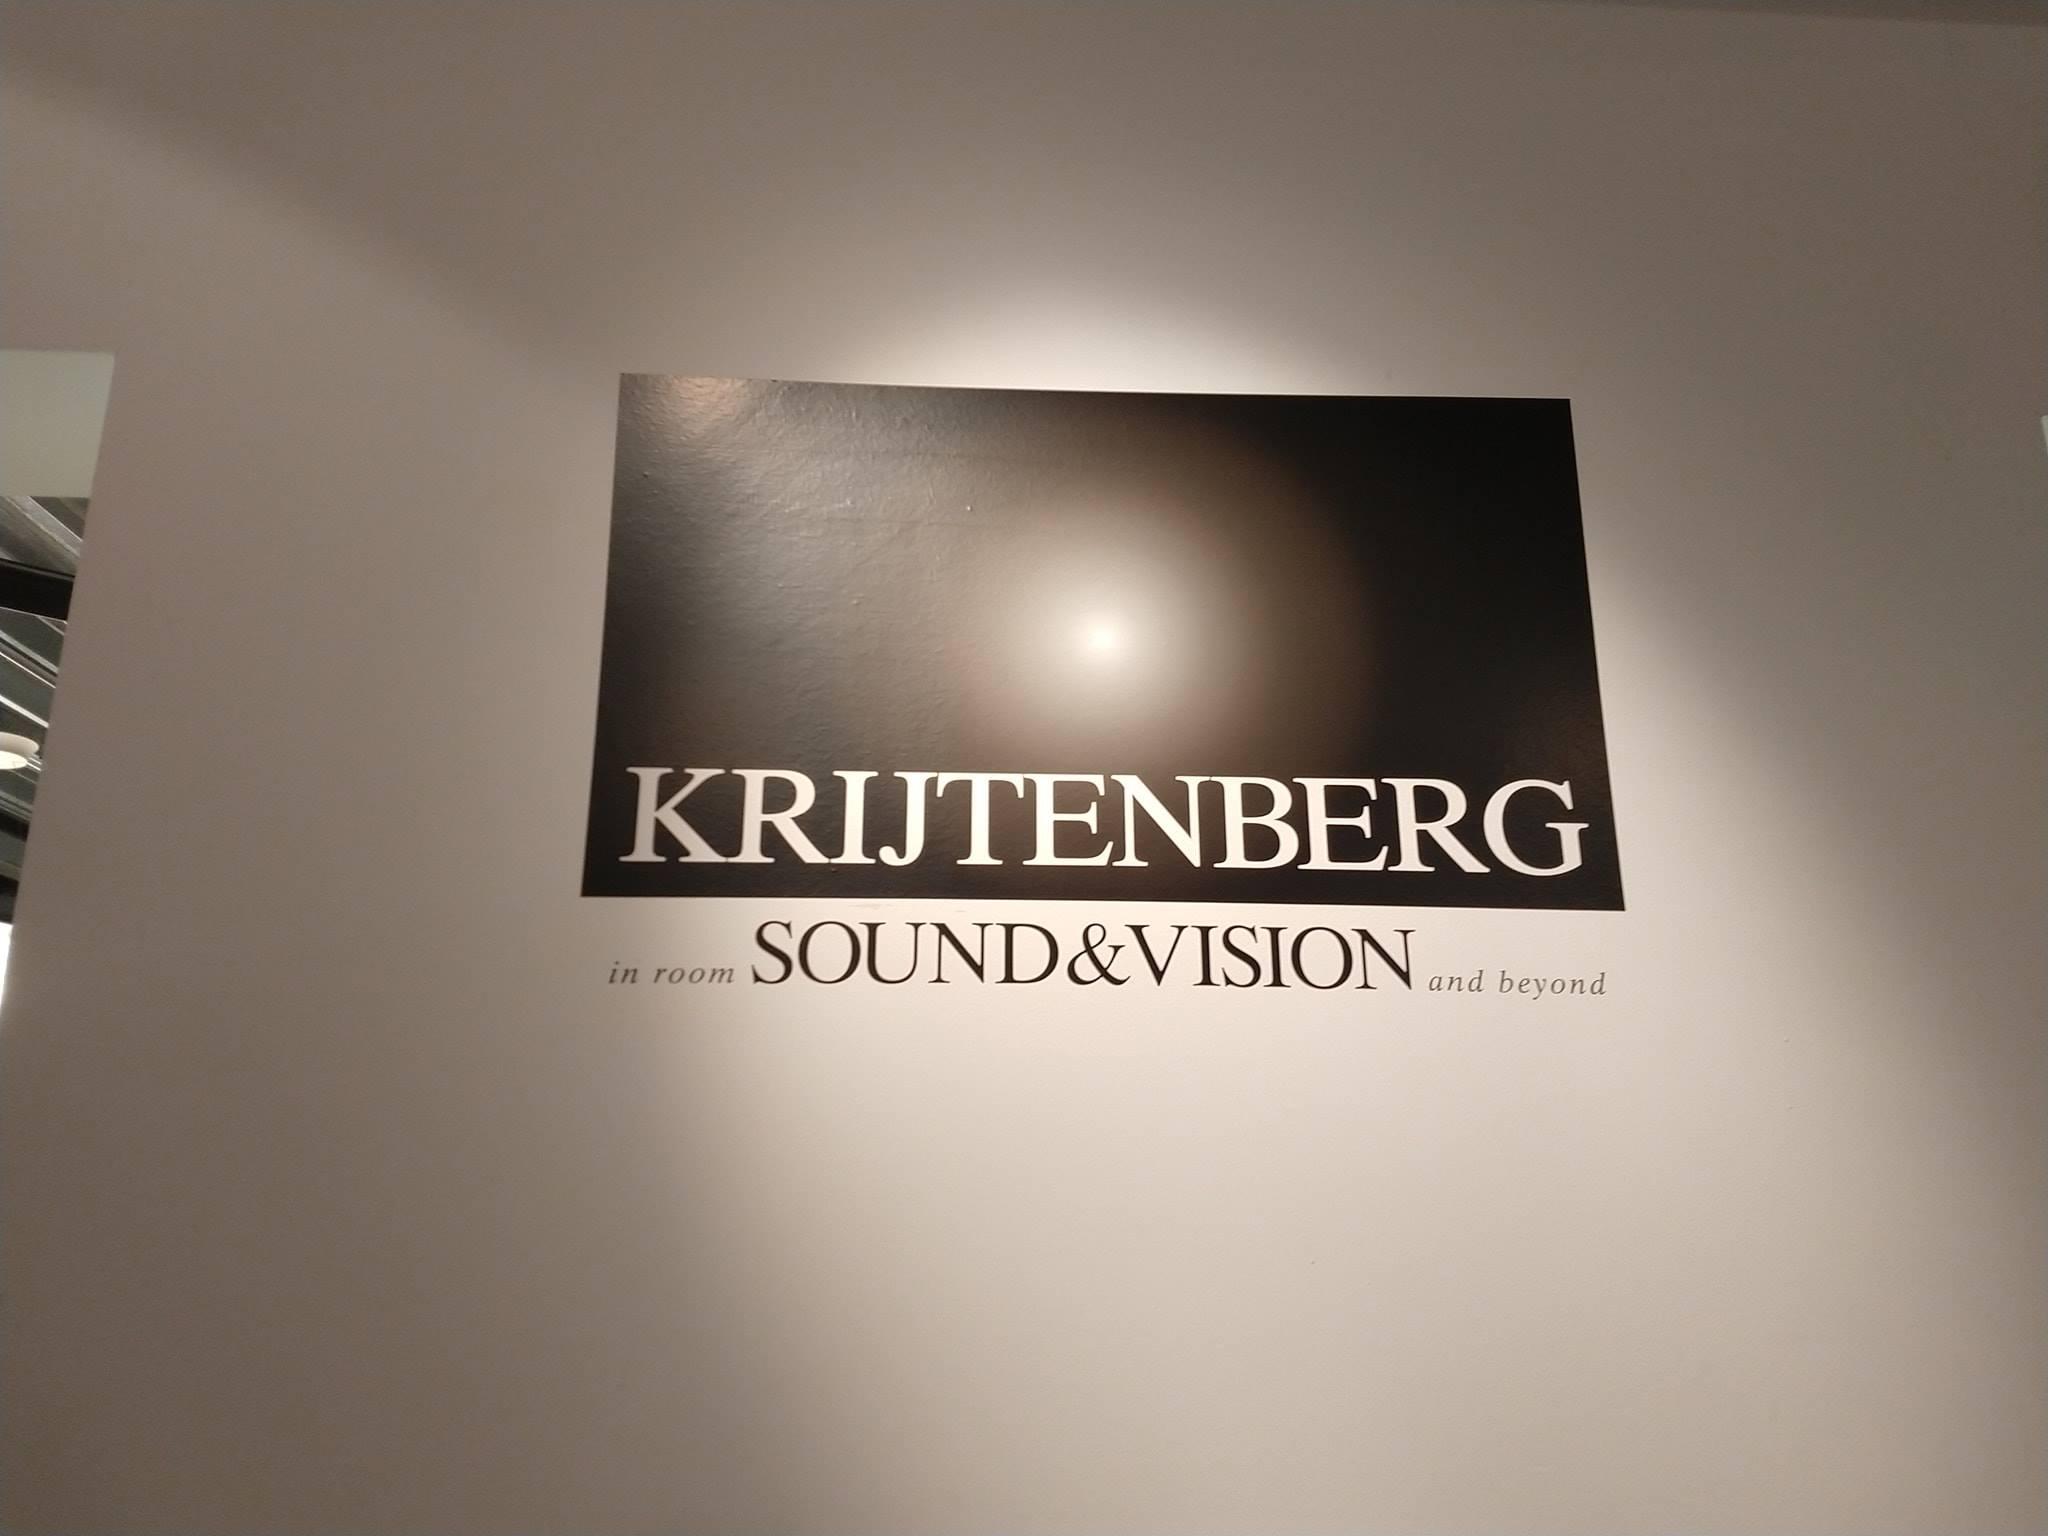 Krijtenberg Audio & Vision